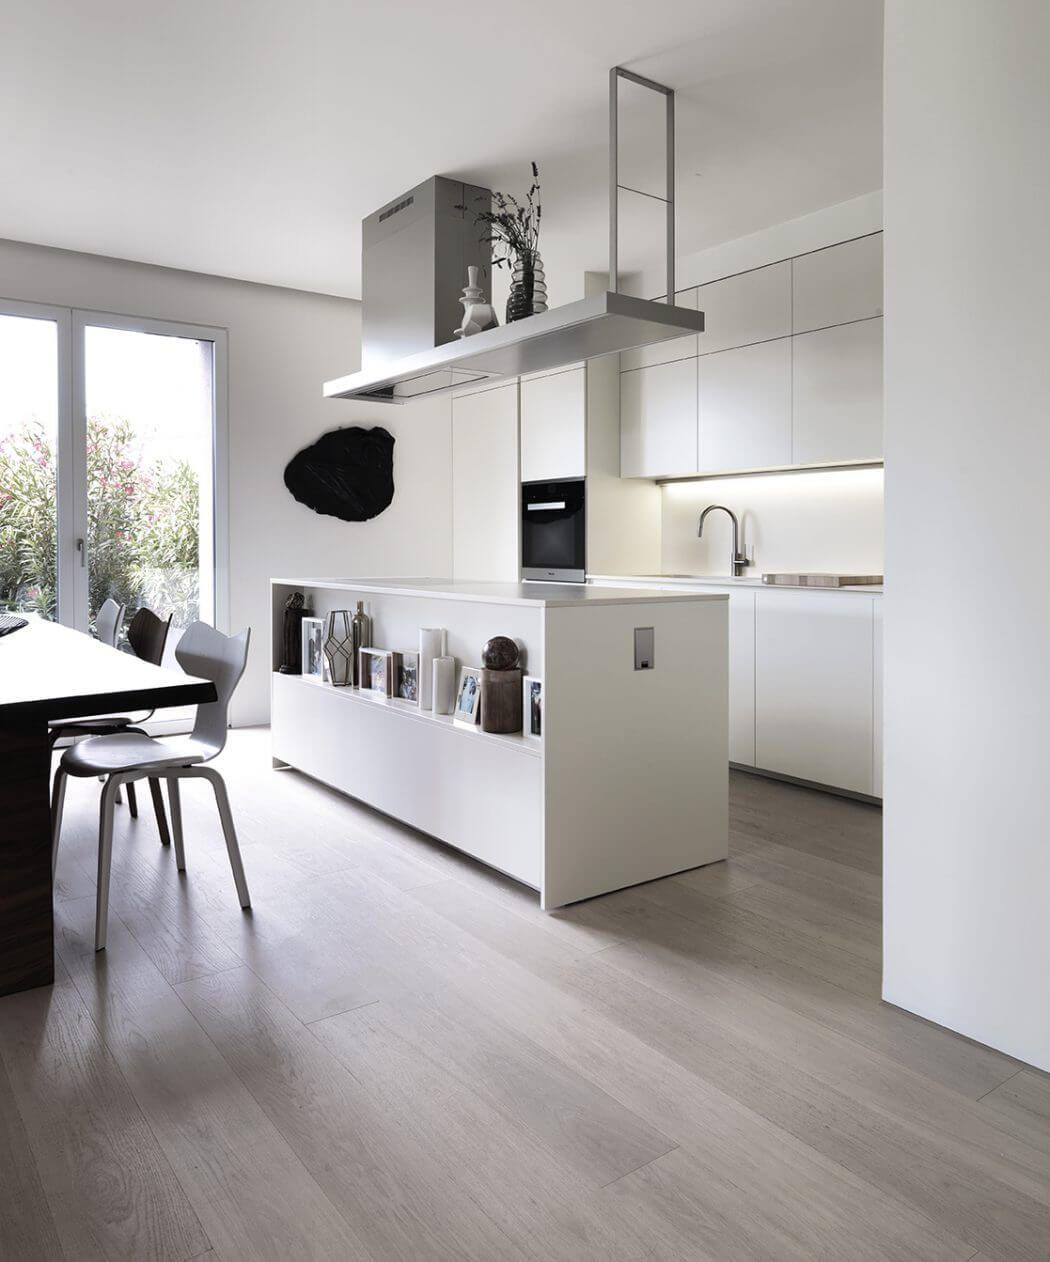 Matteo Kitchens: Urban House By Matteo Nunziati